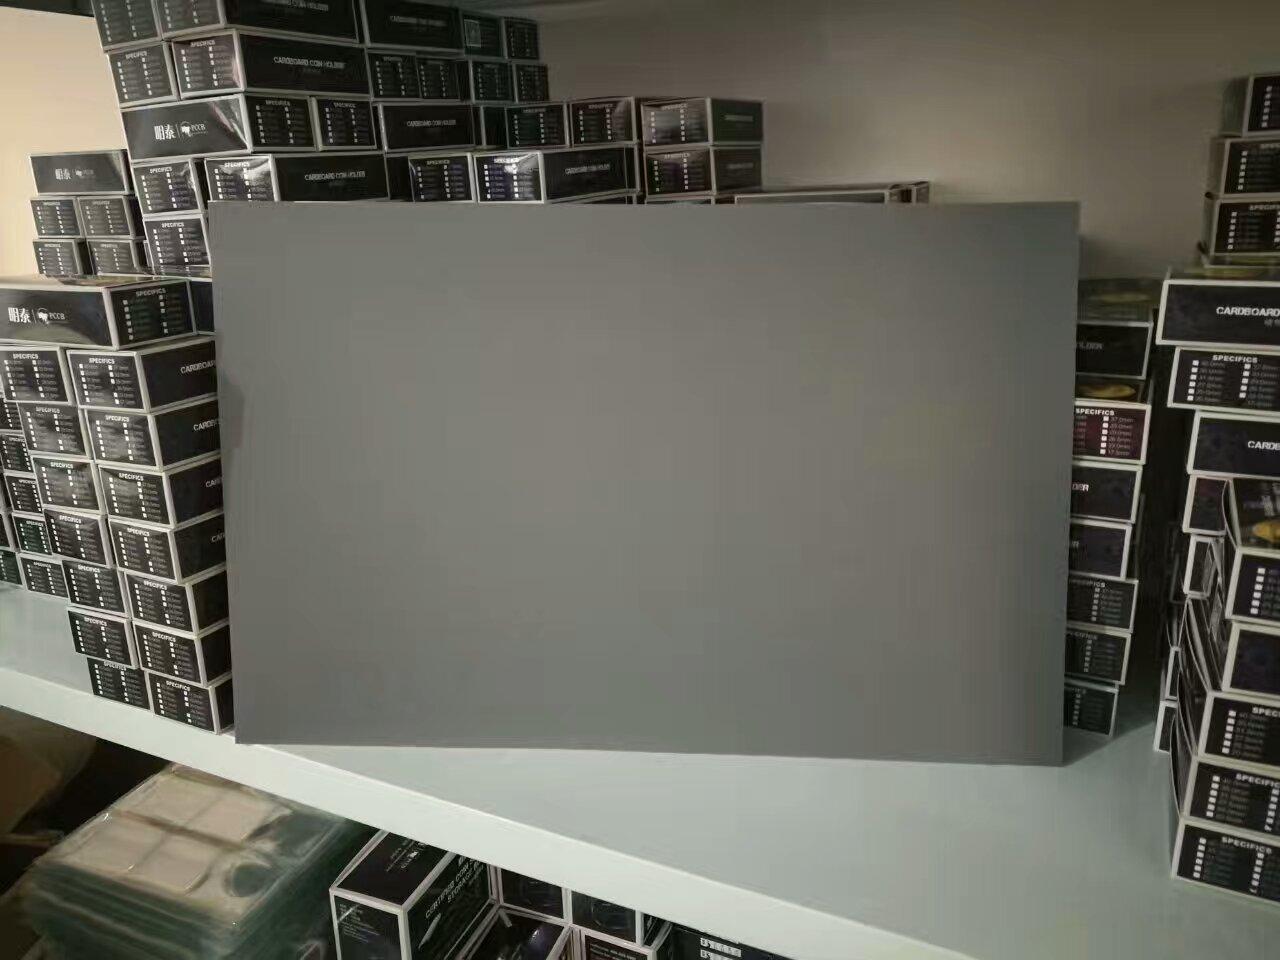 Большая фотография размером 45 * 30 см для Фото фона серая карта оттенки серого панель